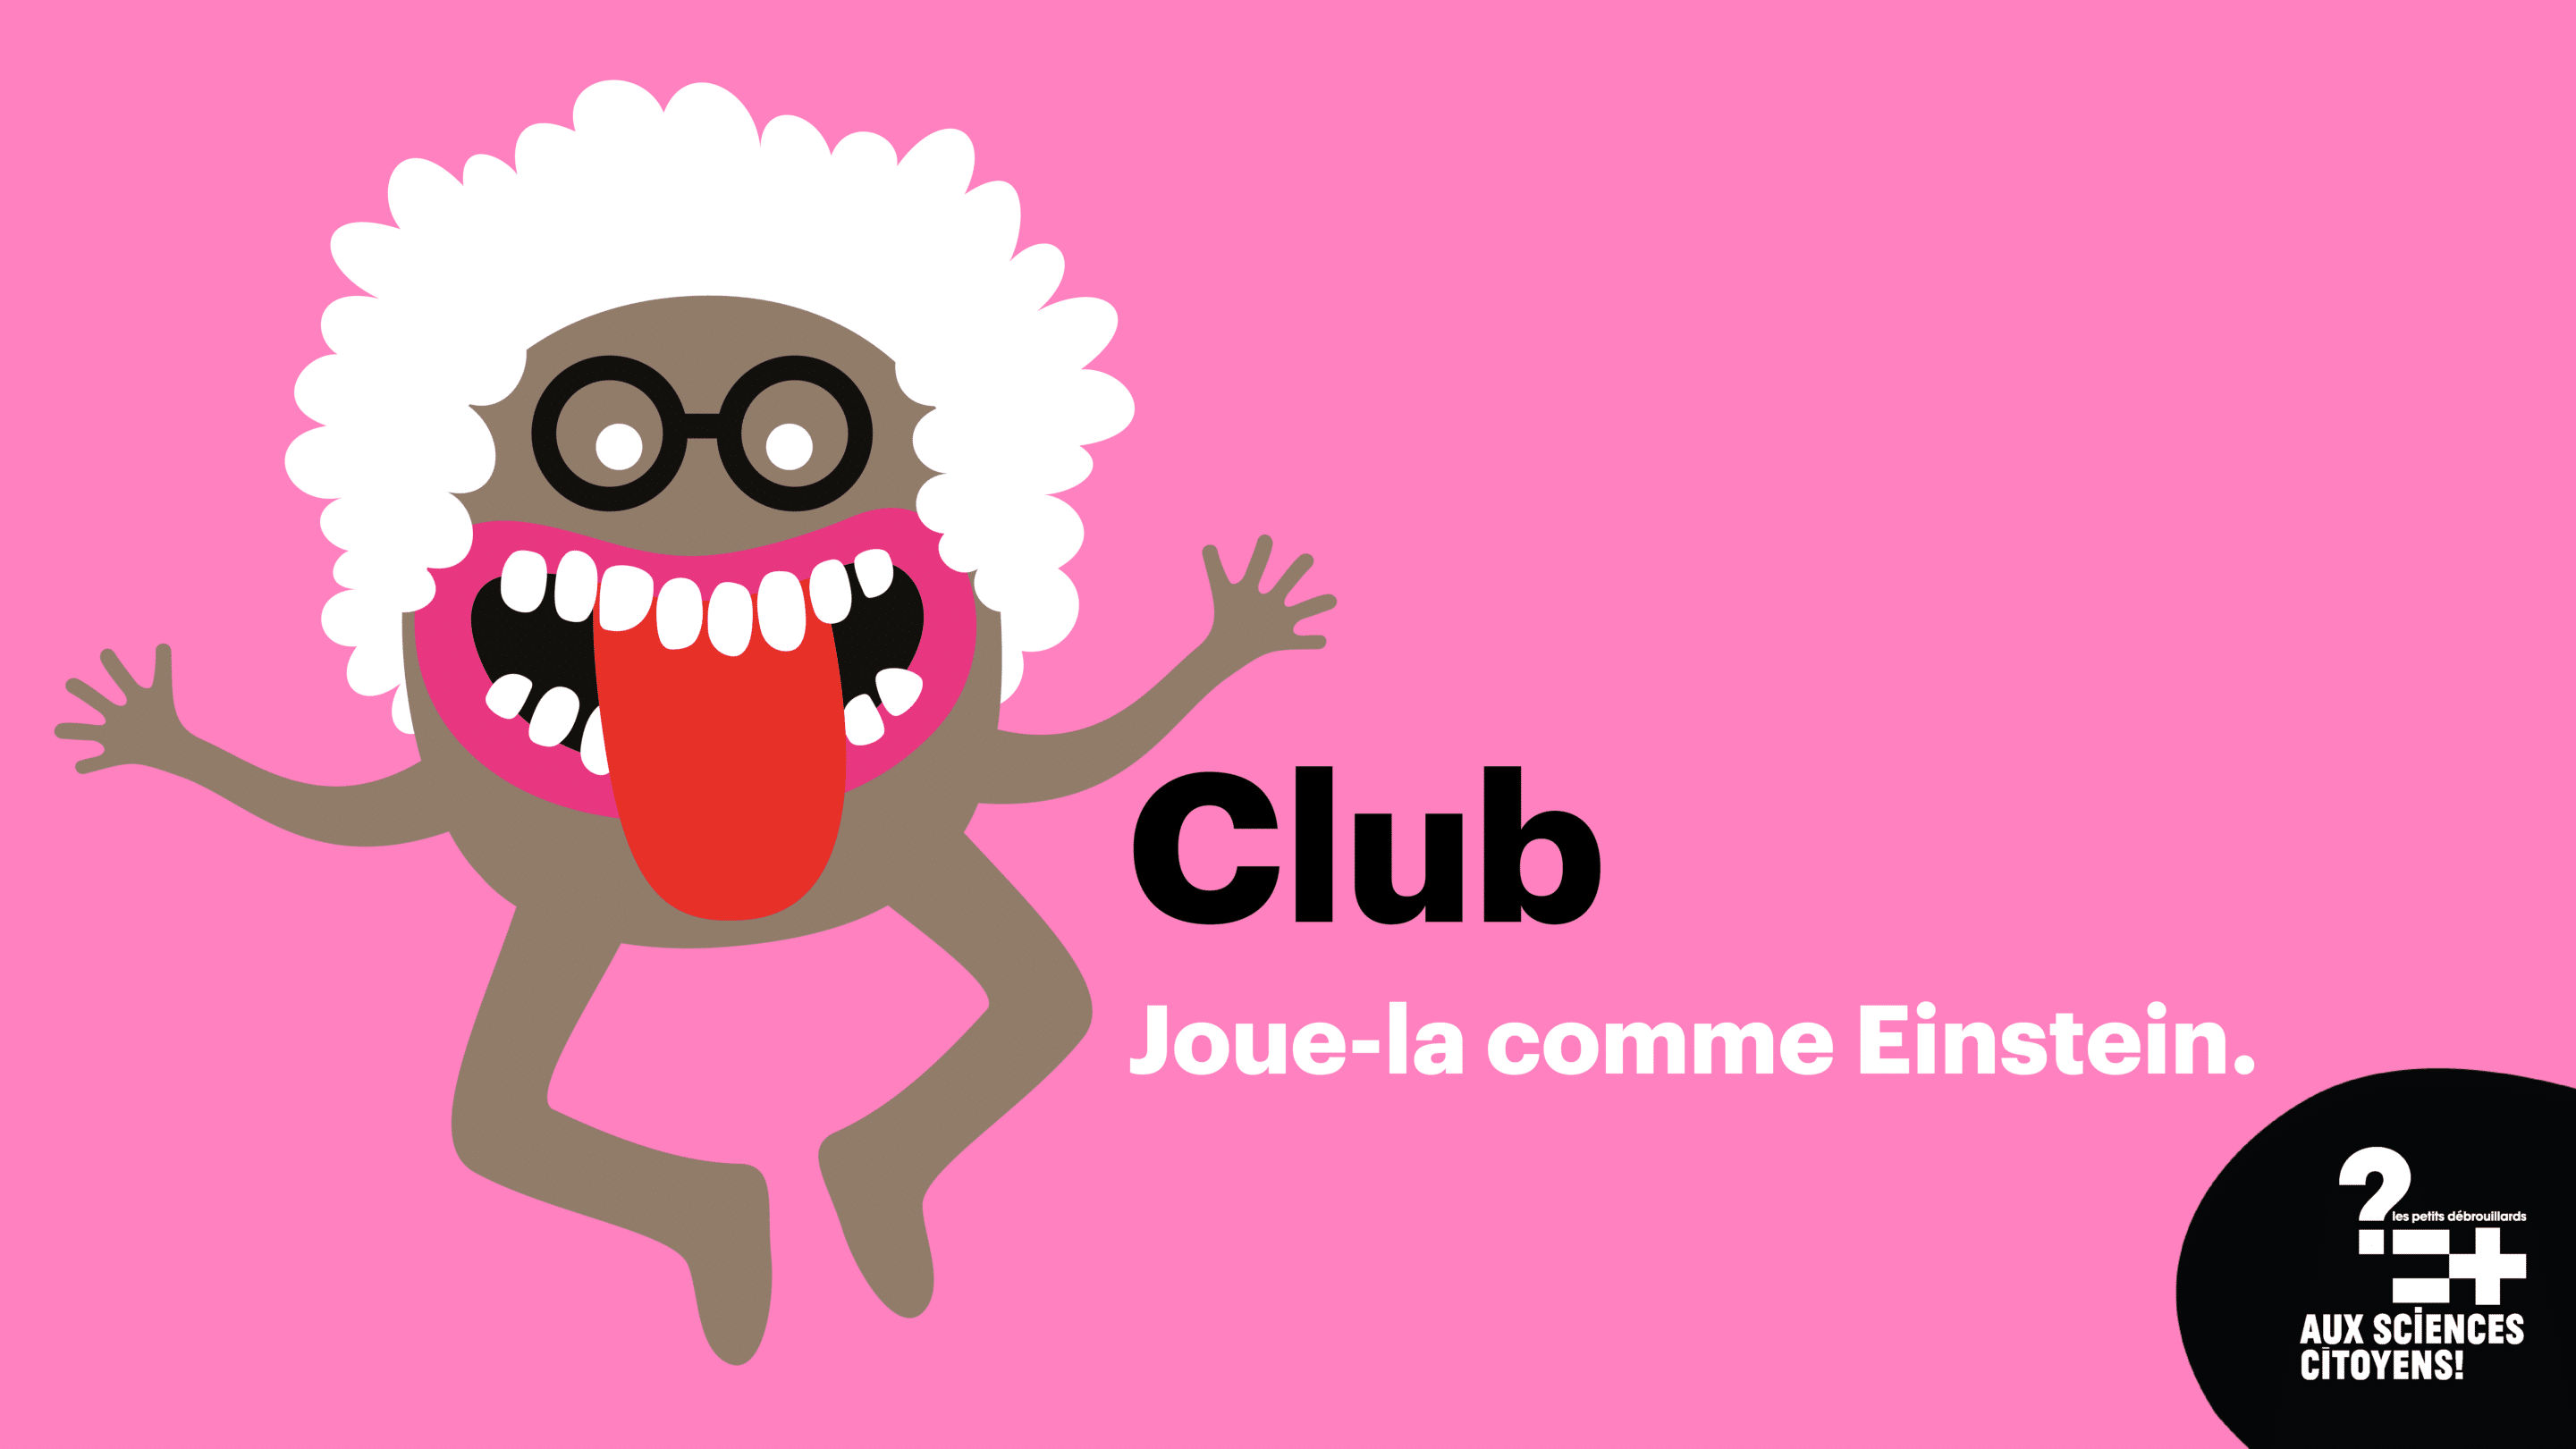 ANNULÉ - Nantes - Troisième trimestre du club ?=+ pour les 6-12 ans